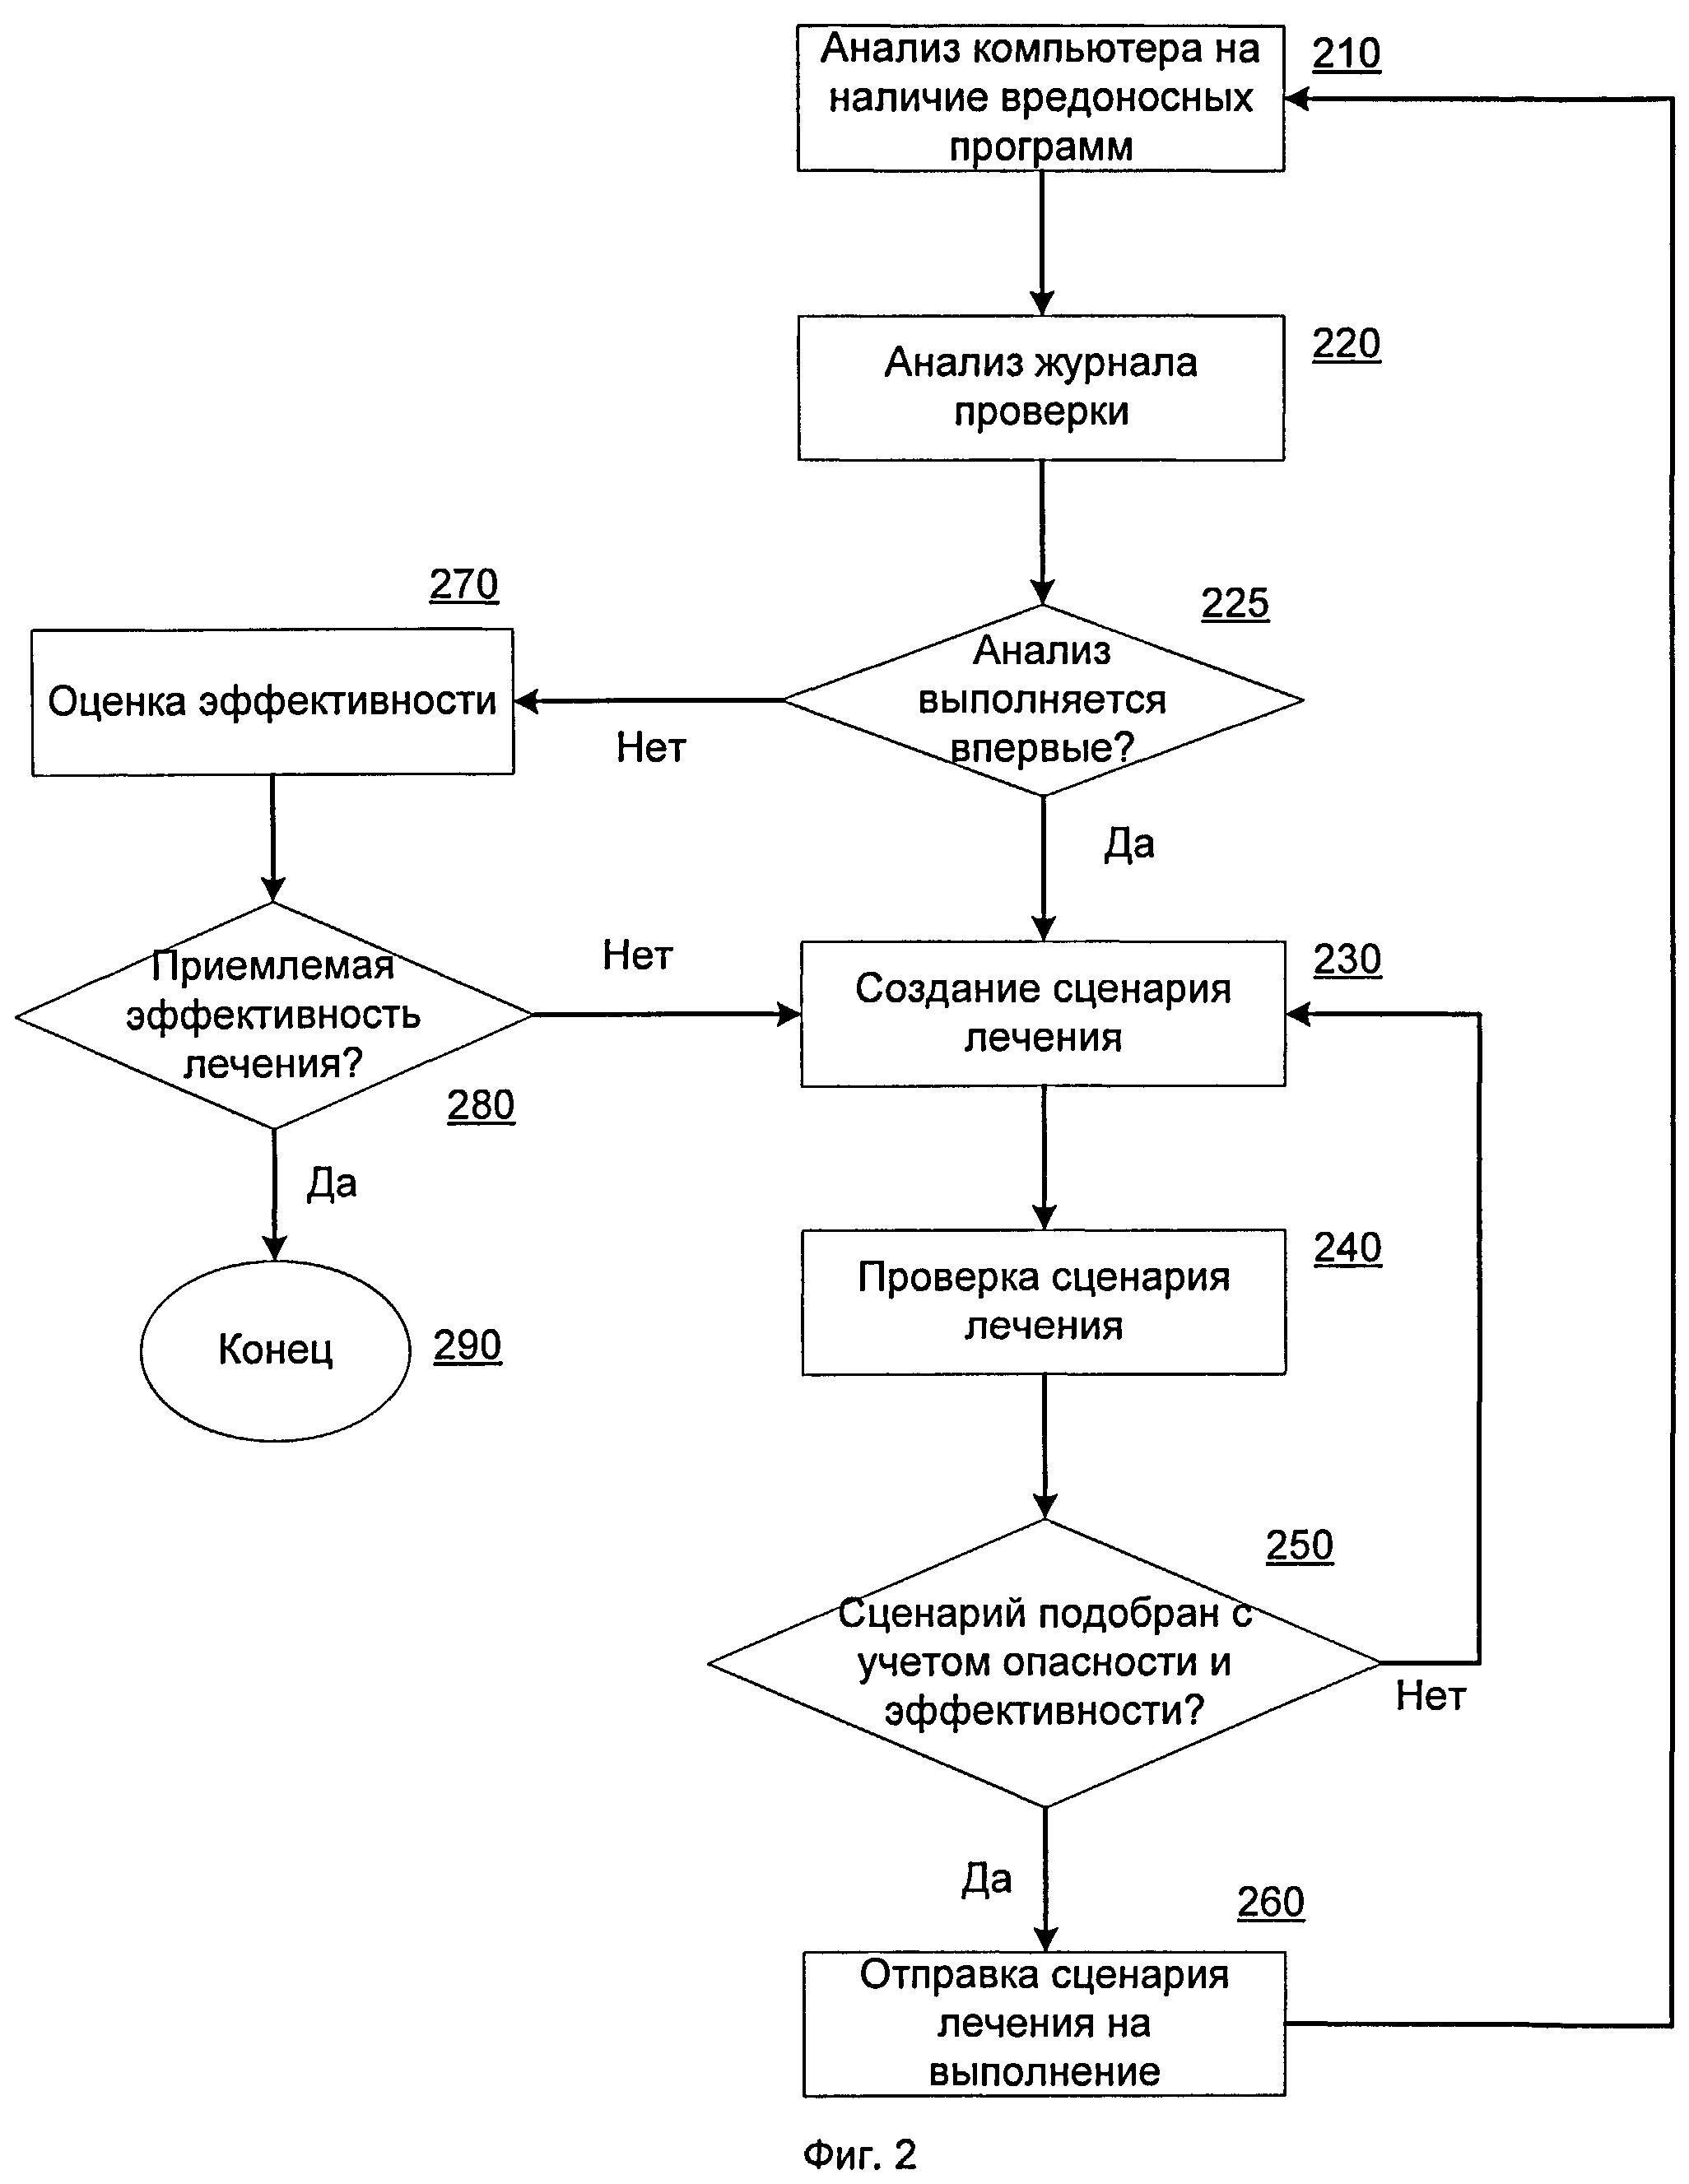 Система и способ эффективного лечения компьютера от вредоносных программ и последствий их работы